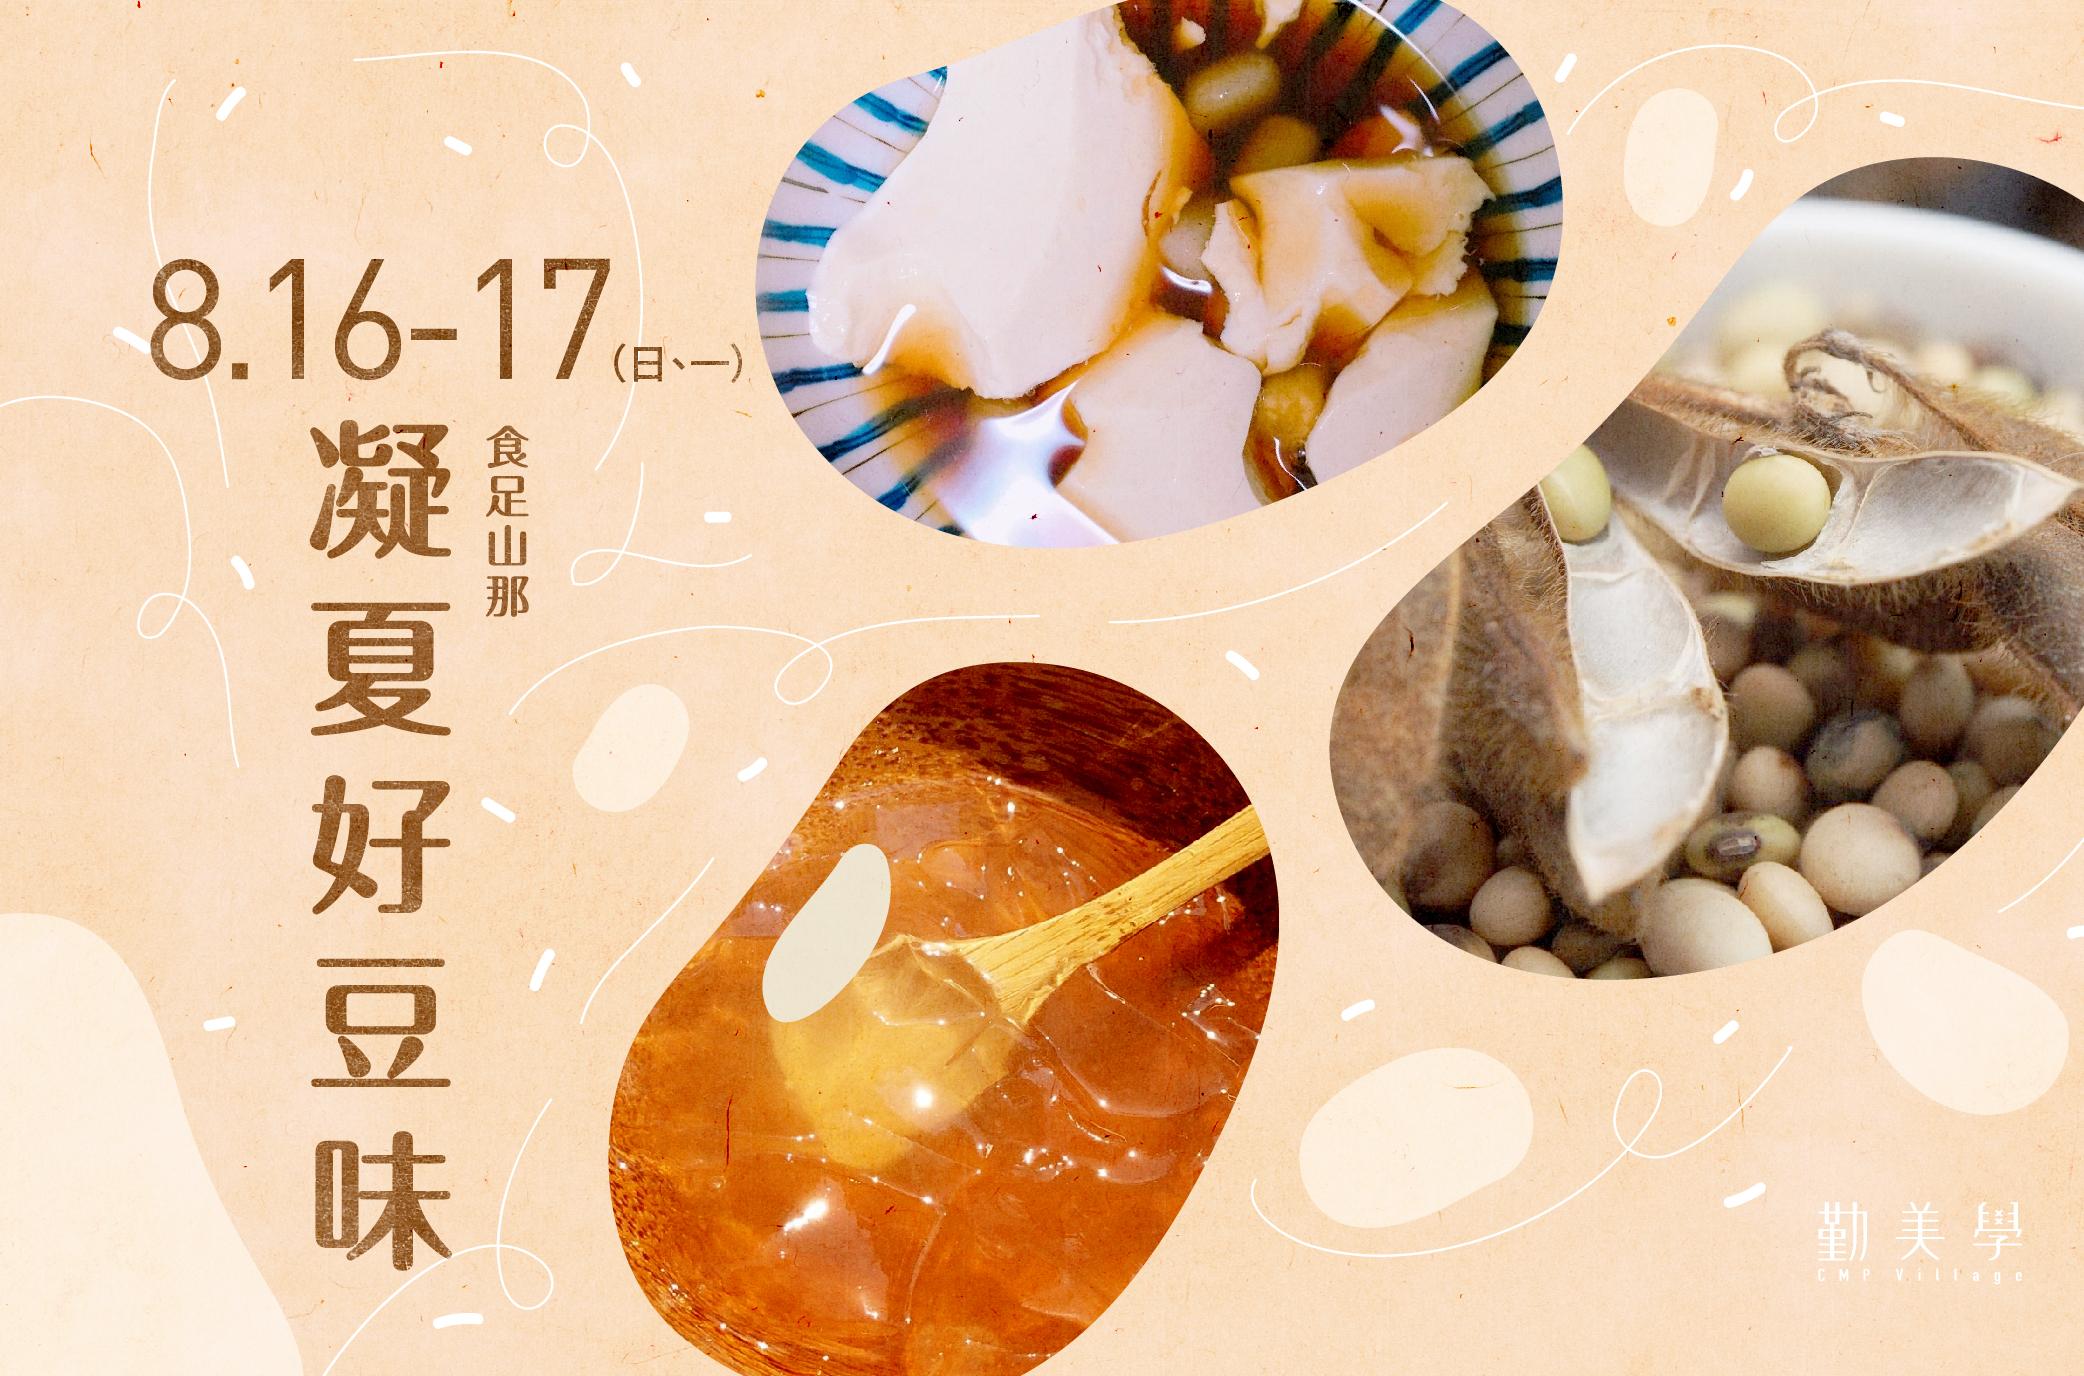 凝夏好豆味:8/16(日)-8/17(一)